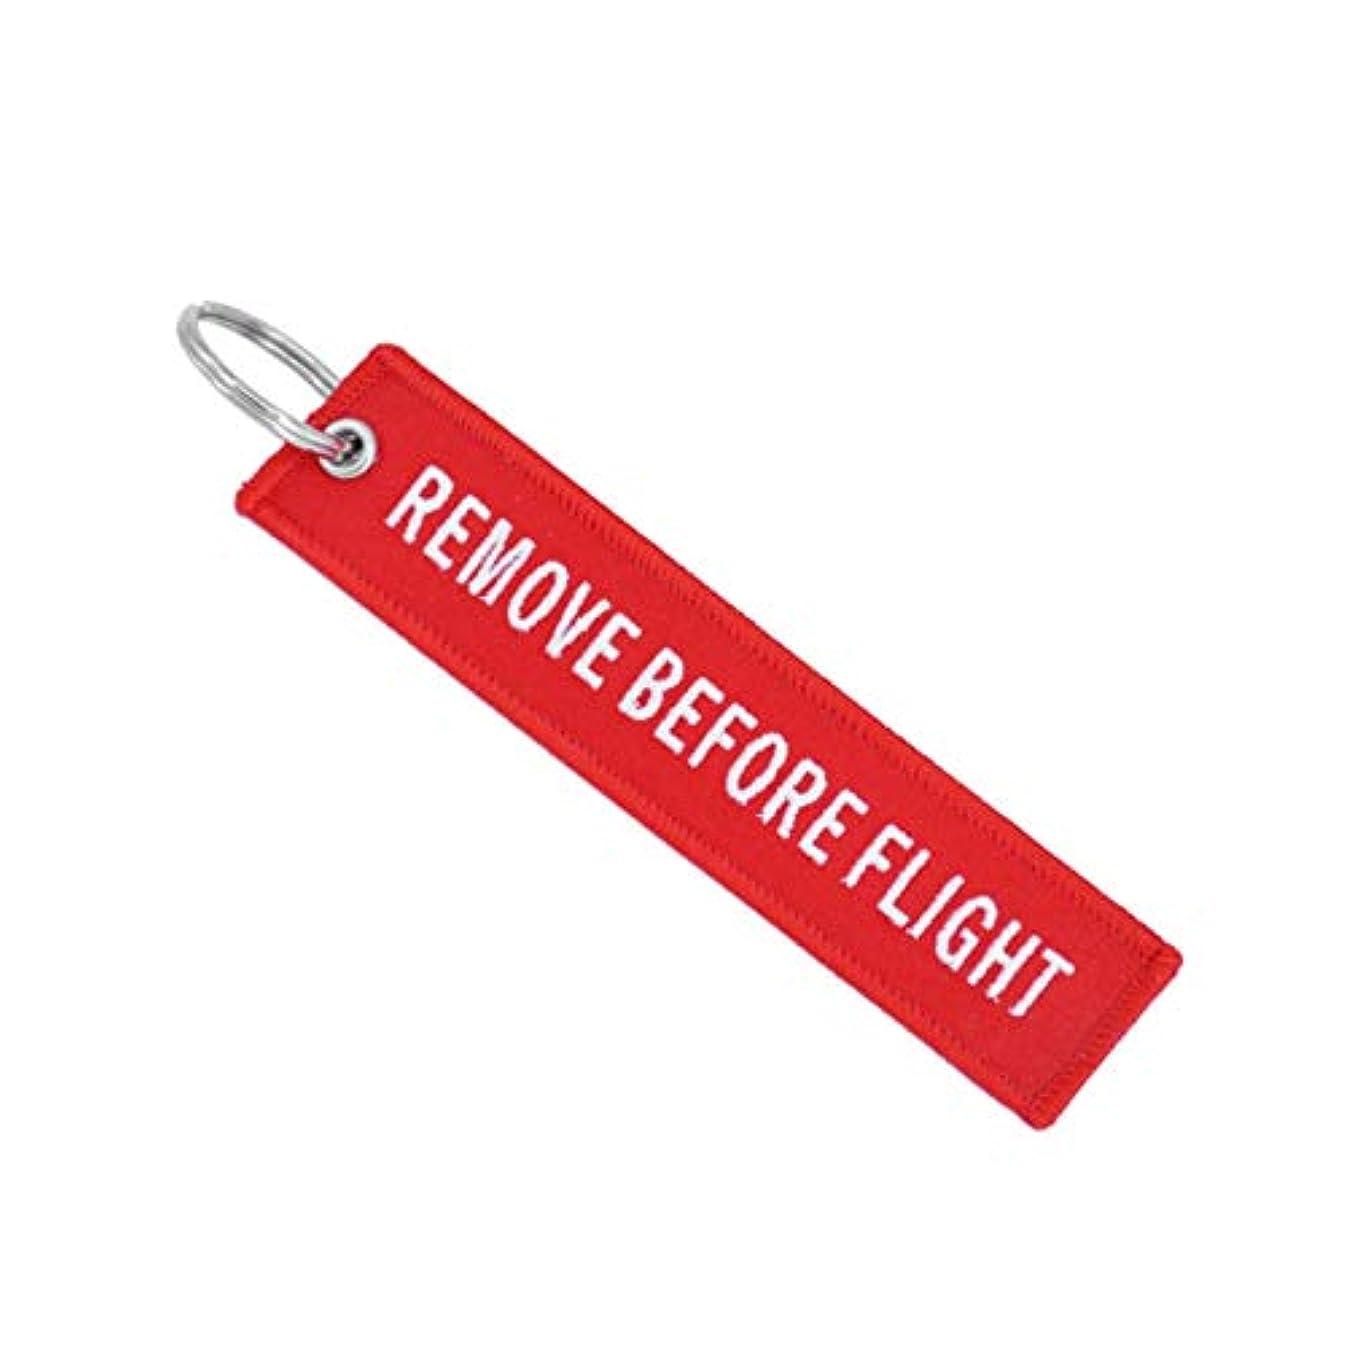 限界最愛の風変わりな車の航空タグキーチェーンスモールビジネスギフト用の飛行前にキーチェーン刺繍キーリングキーファインダーを削除します(色:赤)